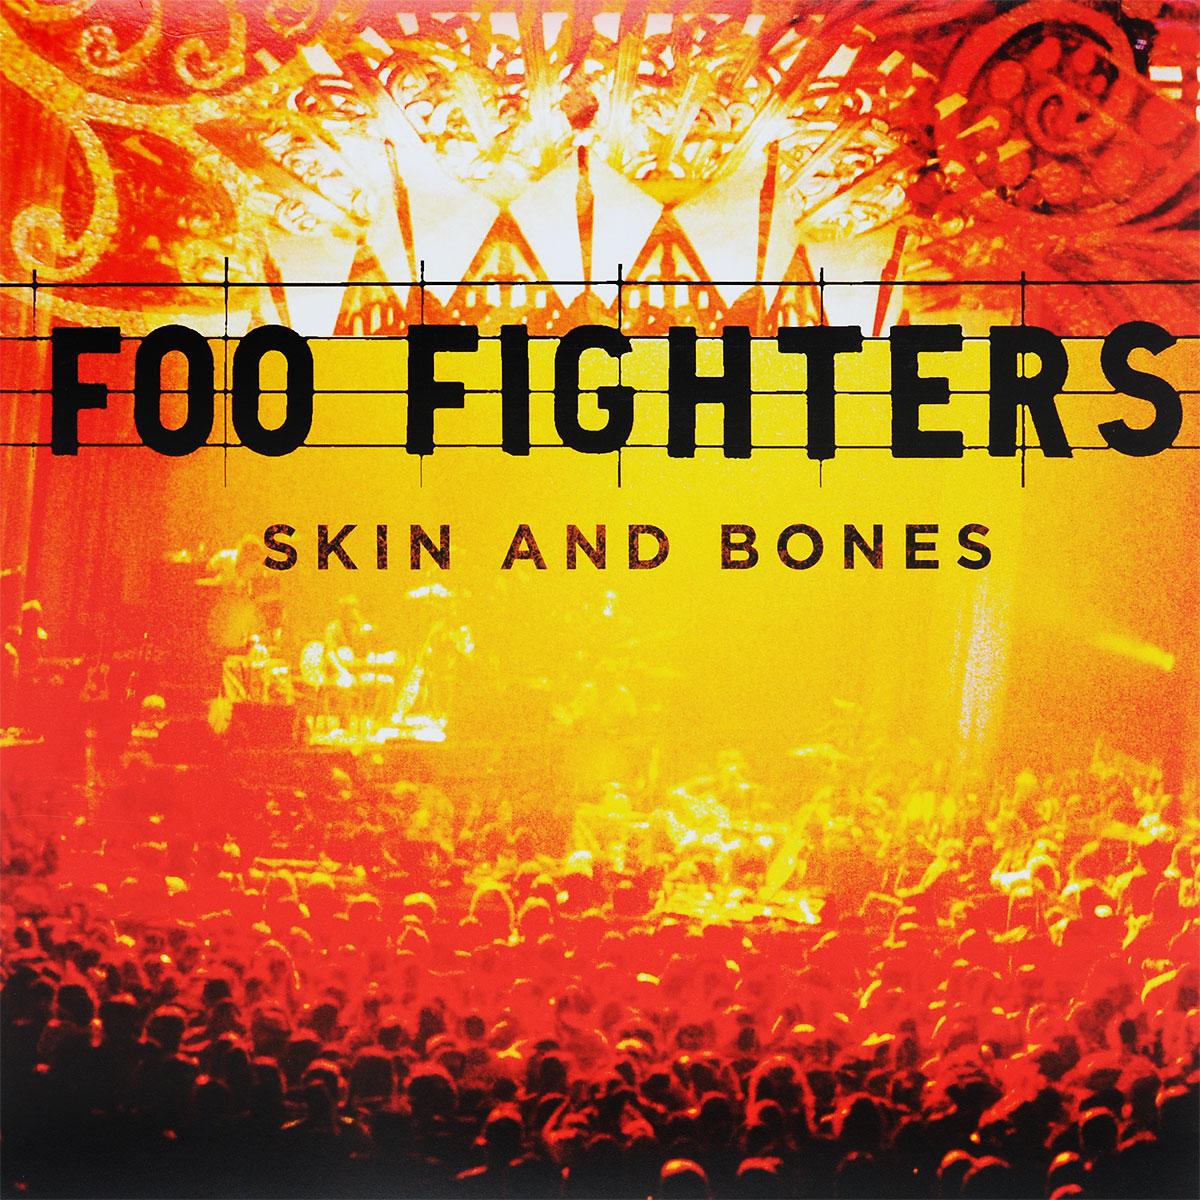 Foo Fighters Foo Fighters. Skin & Bones (2 LP) виниловая пластинка foo fighters skin and bones